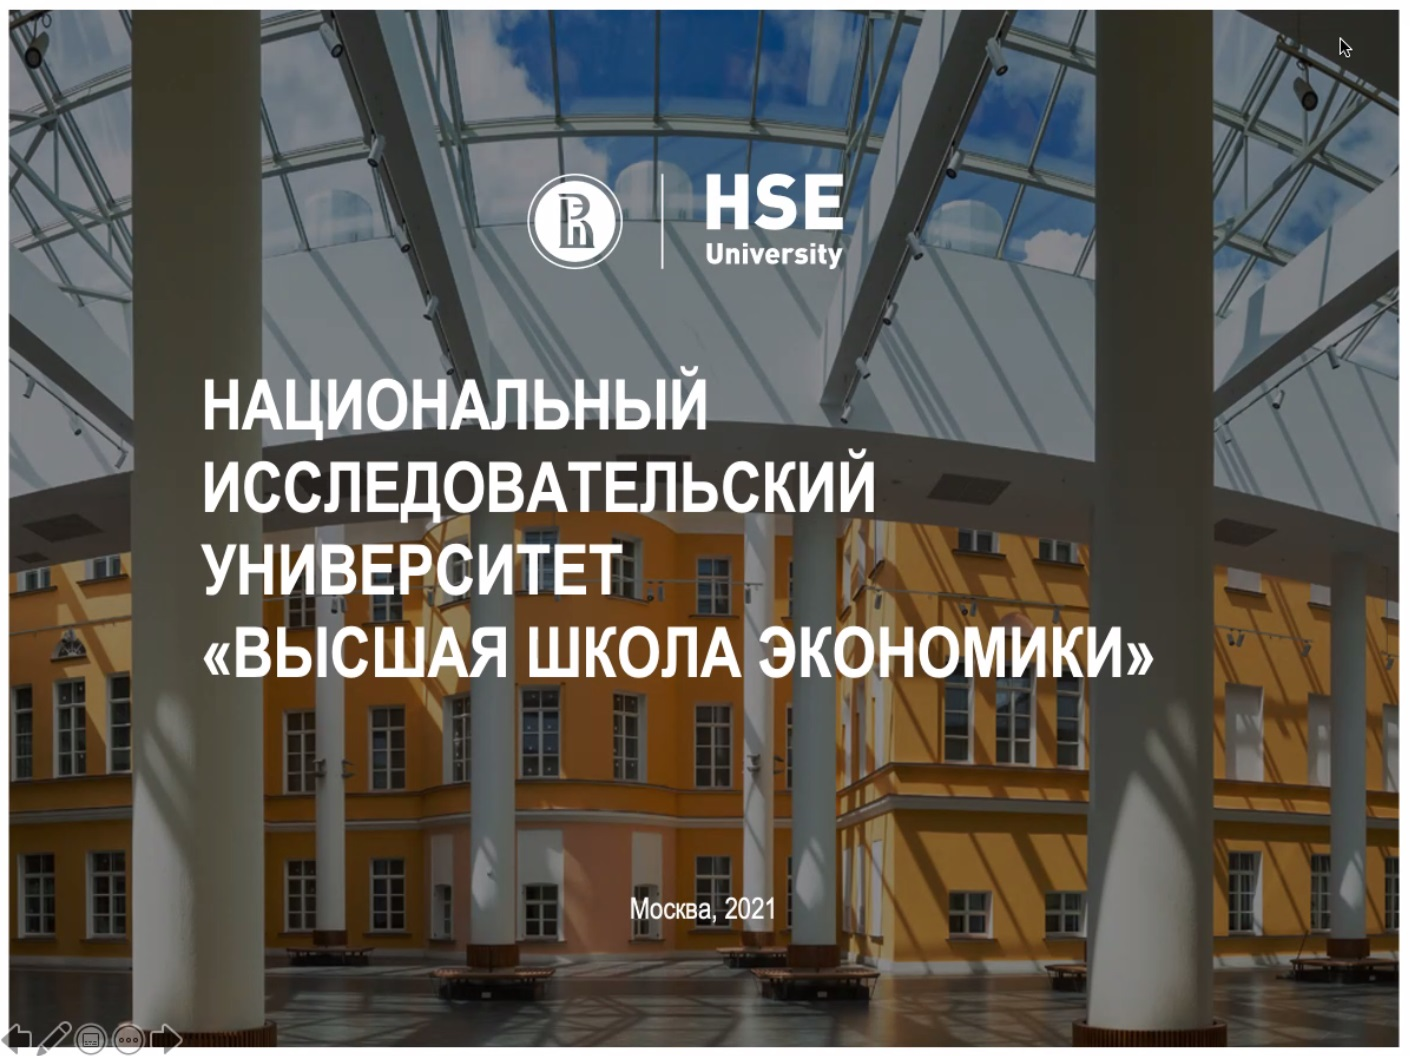 高等经济大学宣传册